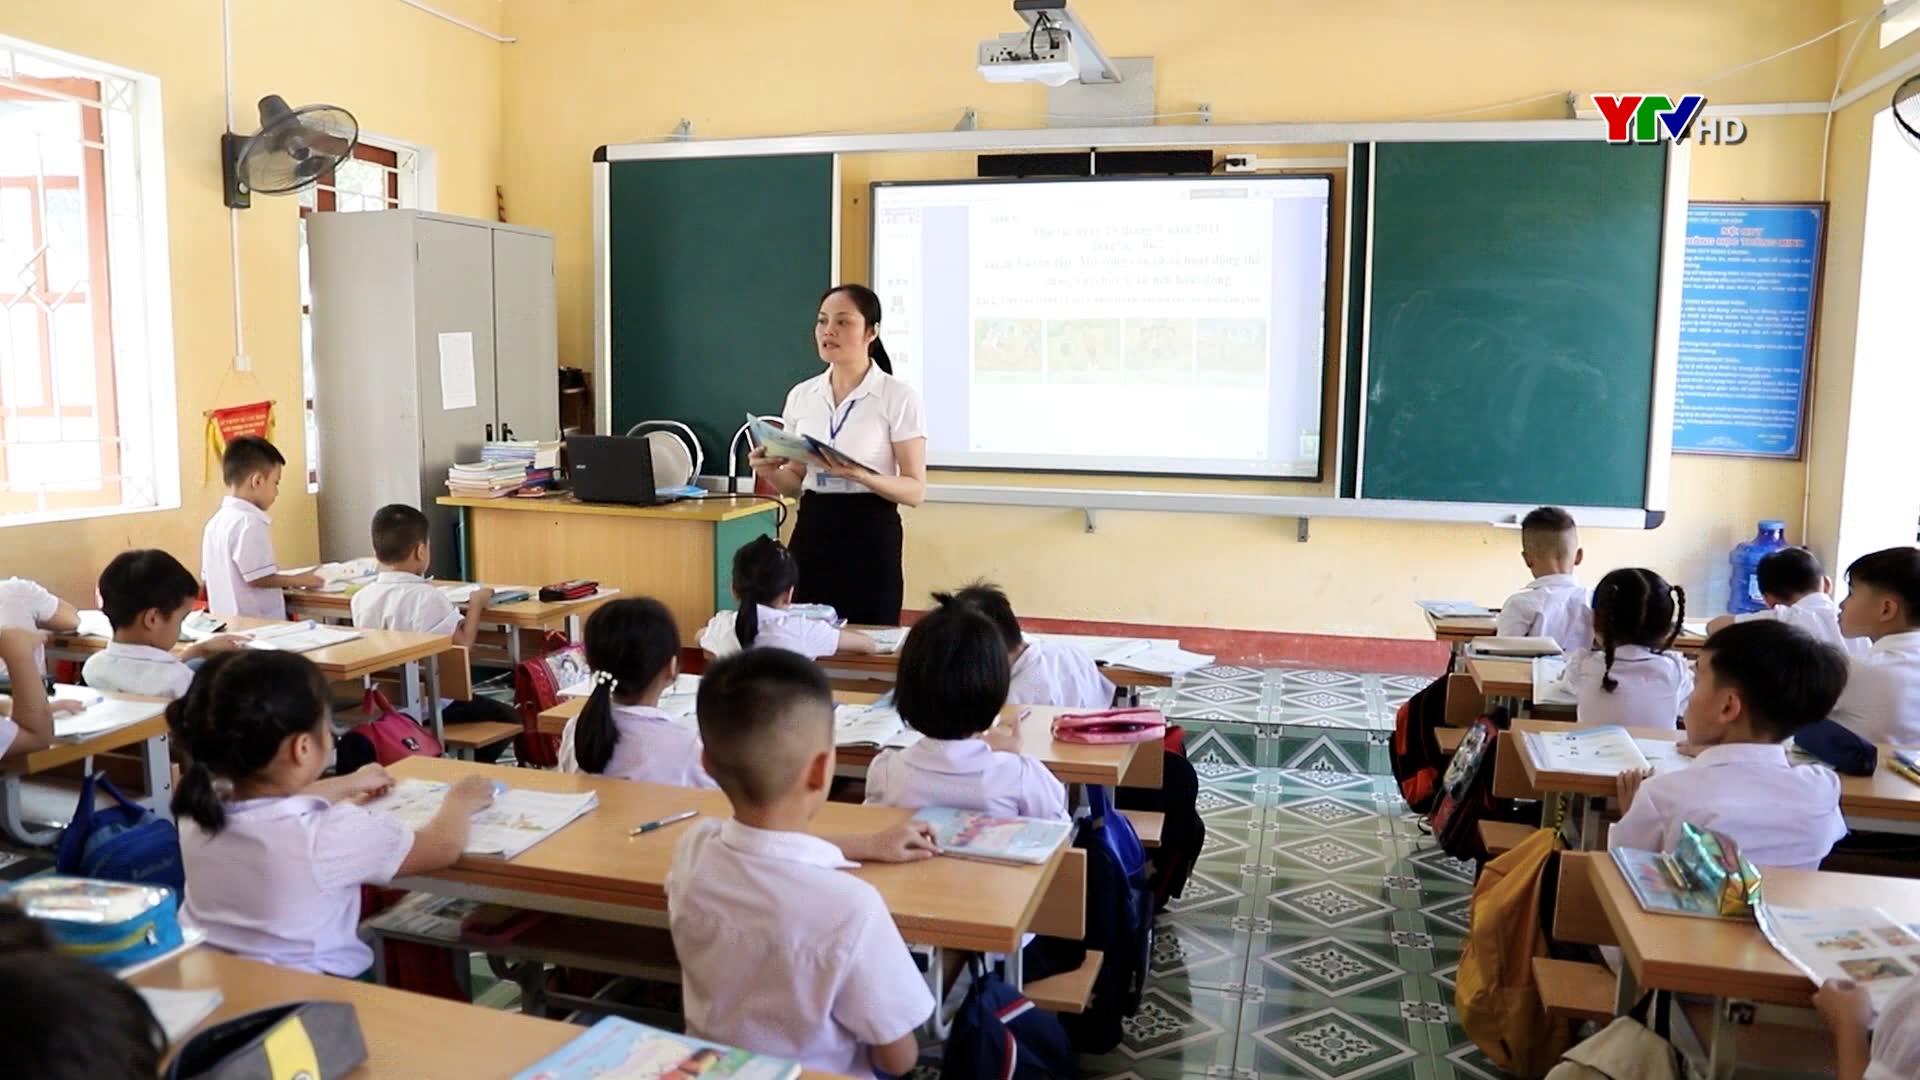 Chương trình Giáo dục phổ thông 2018: Đánh giá học sinh theo hướng tiếp cận năng lực